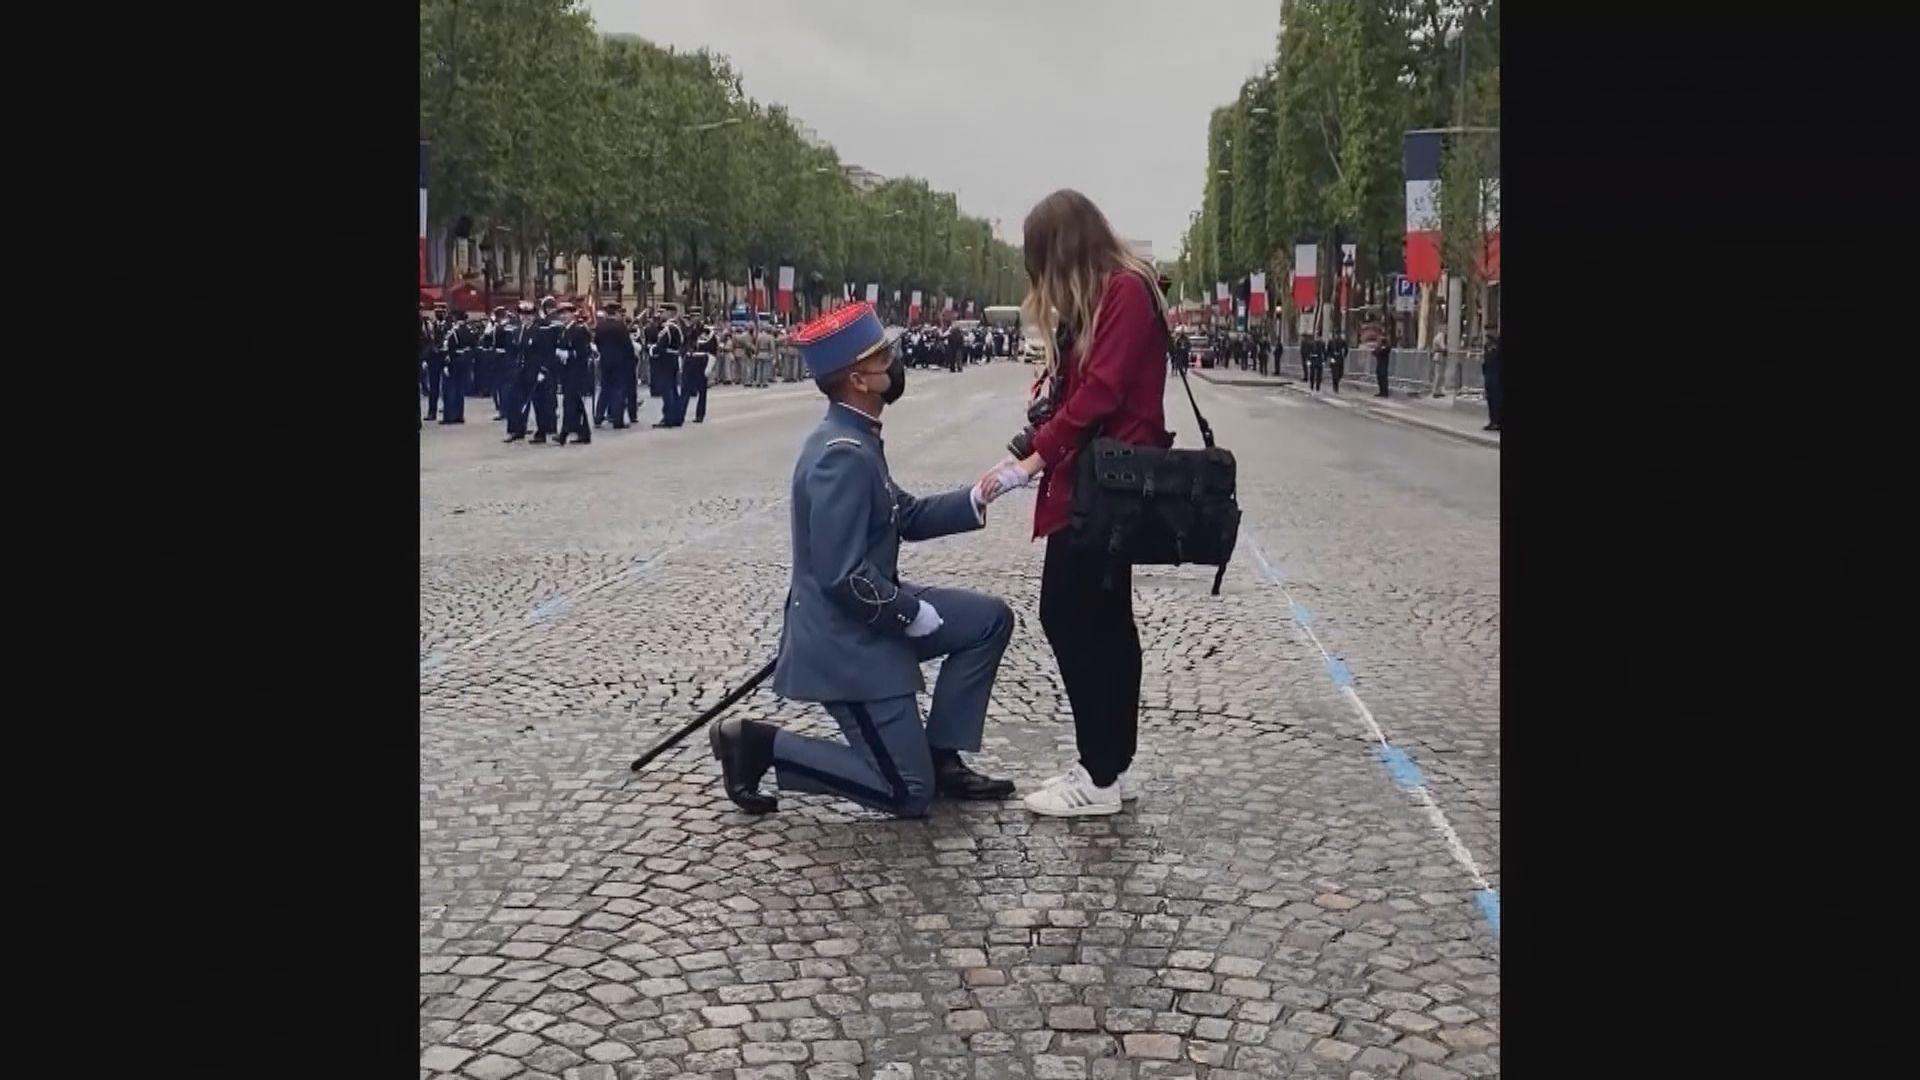 【環球薈報】法國士兵國慶閱兵前成功向女友求婚